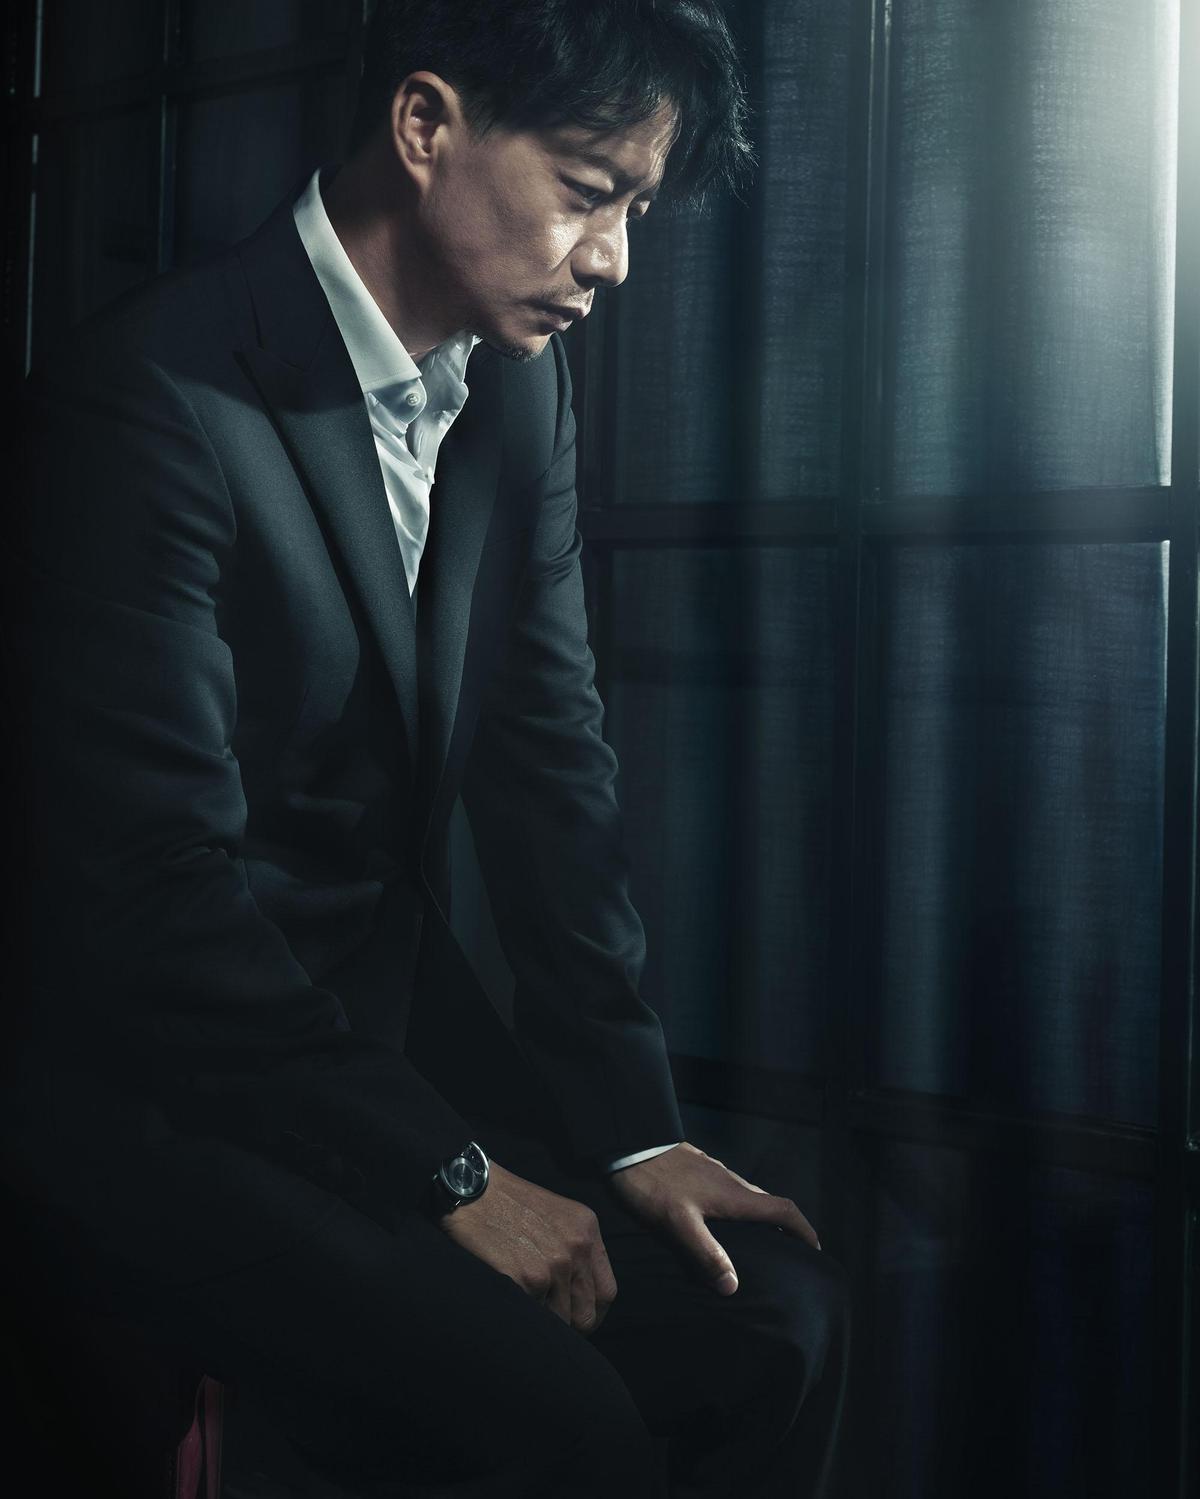 段奕宏在《暴雪將至》的精彩演出,加上東京影帝的加持,令他成為本屆影帝大熱門。(金馬執委會提供)